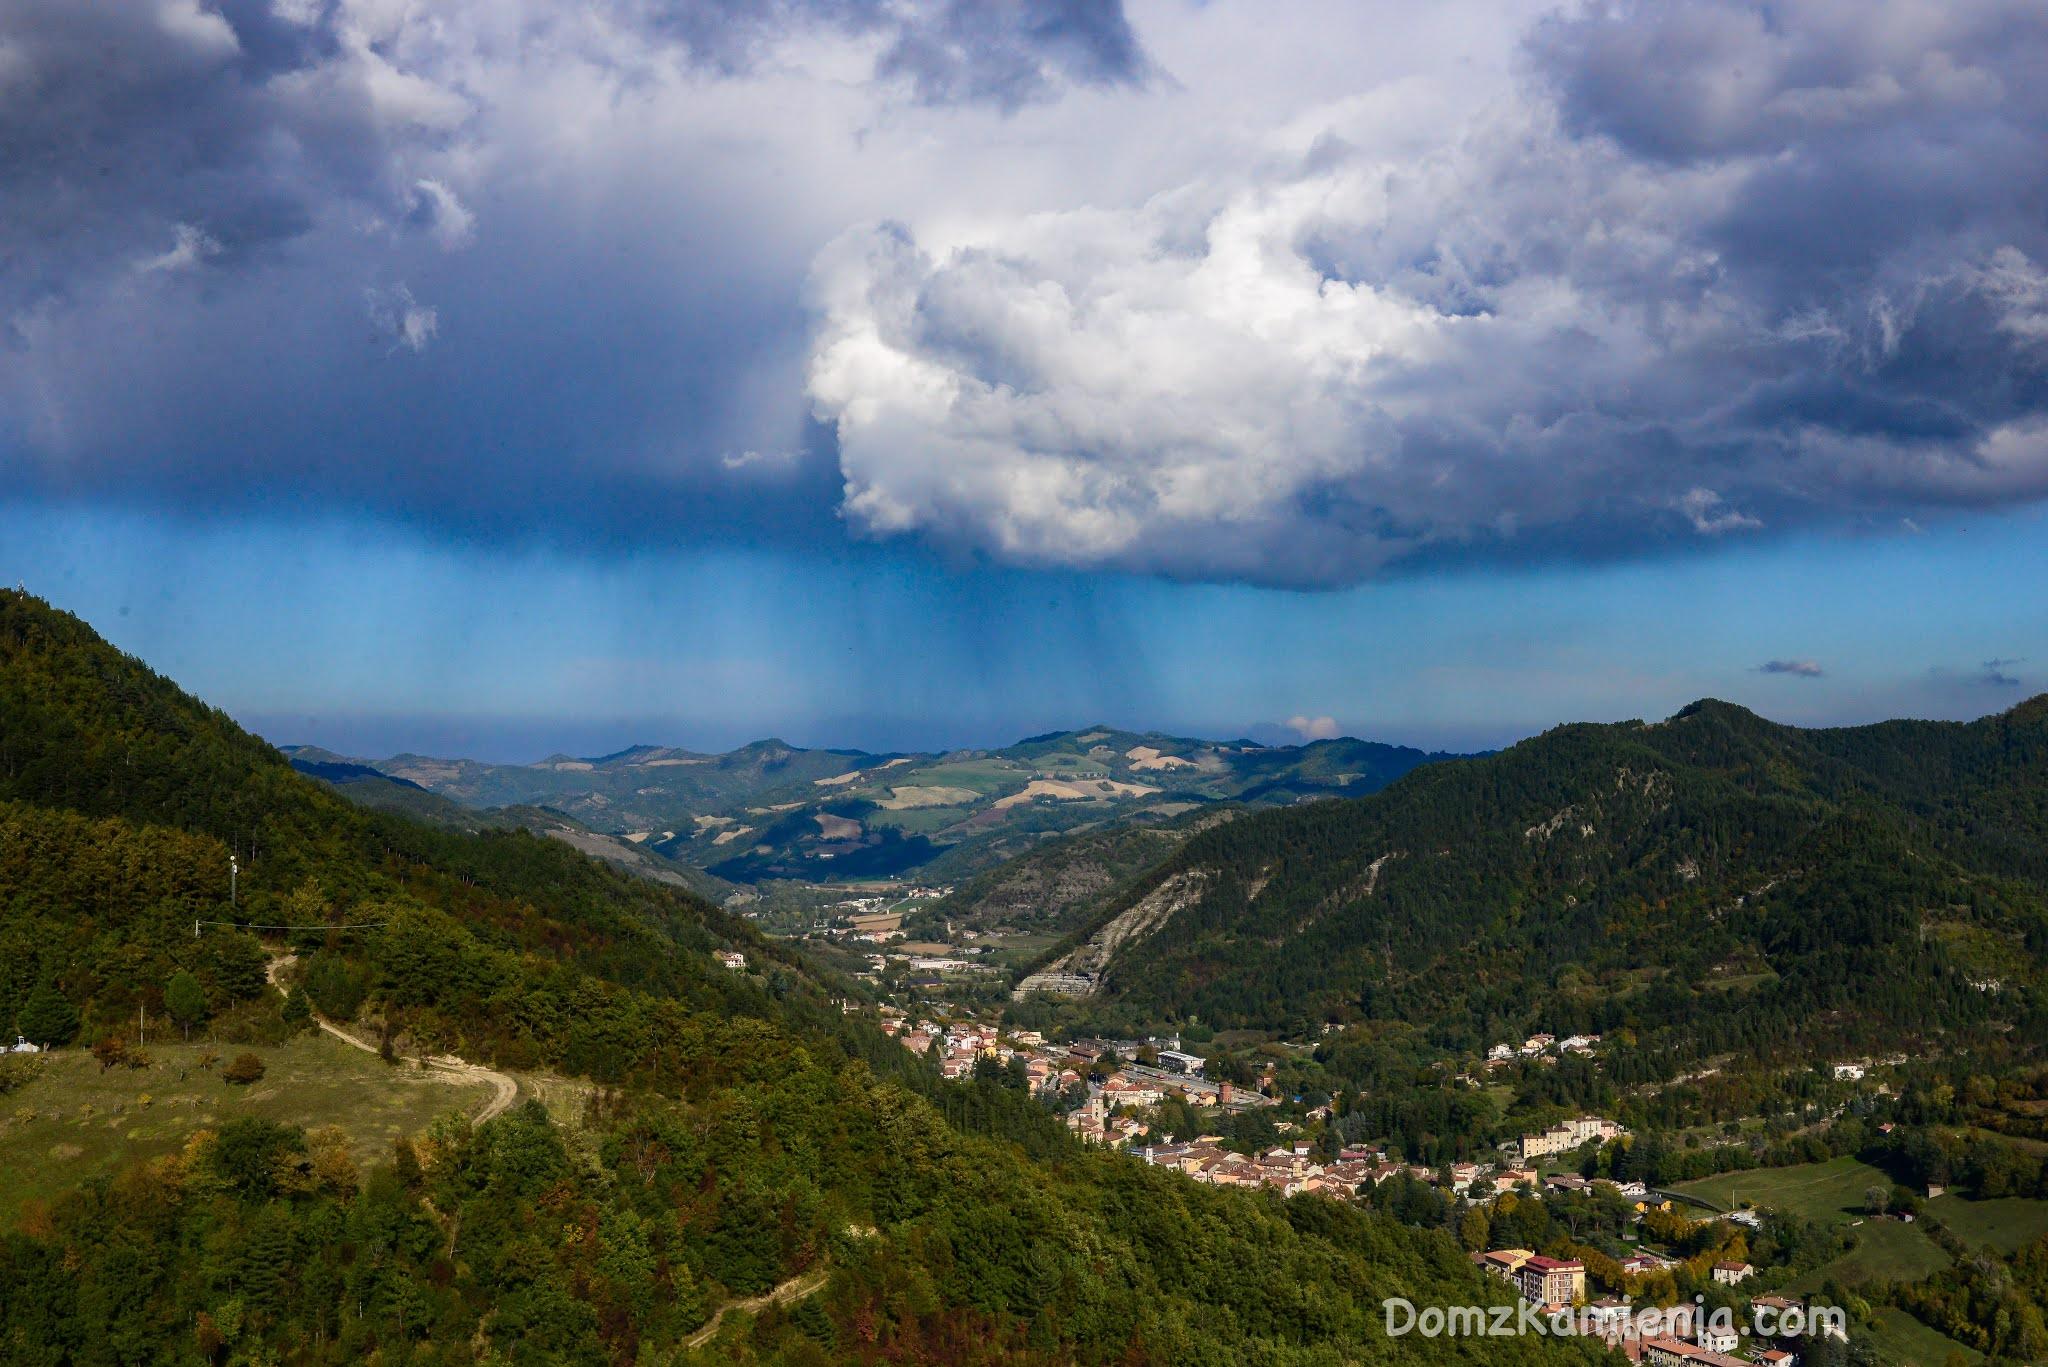 Marradi trekking w Toskanii - Dom z Kamienia blog